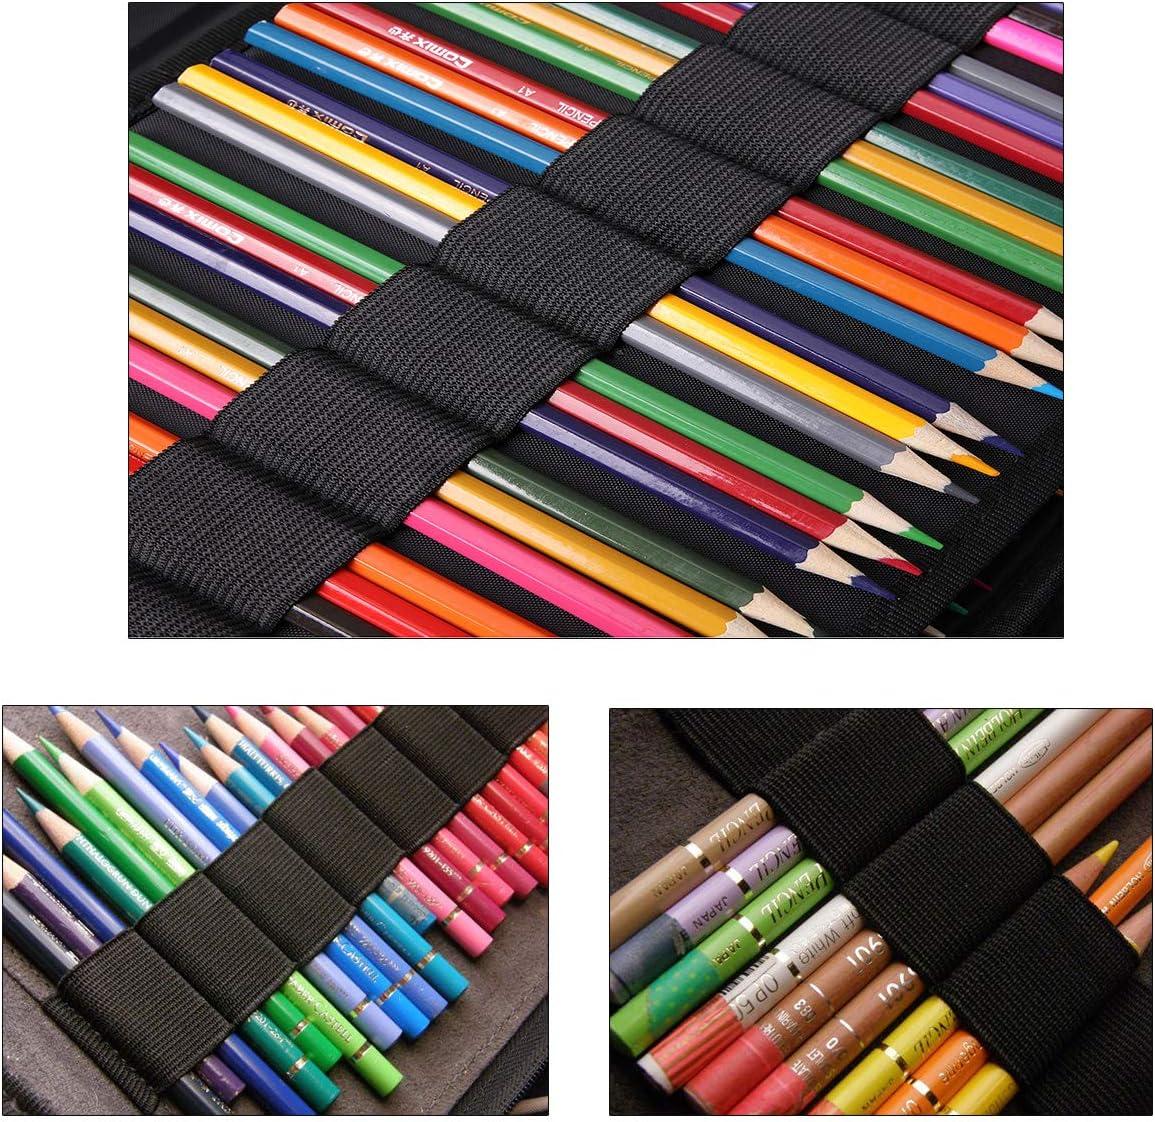 Chat de sport marqueurs papeterie Organisateur pour l/école et bureau BOMKEE Trousse de Crayons 166 Slots Sac de Rangement Crayons de Couleur Prismacolor crayons aquarelle